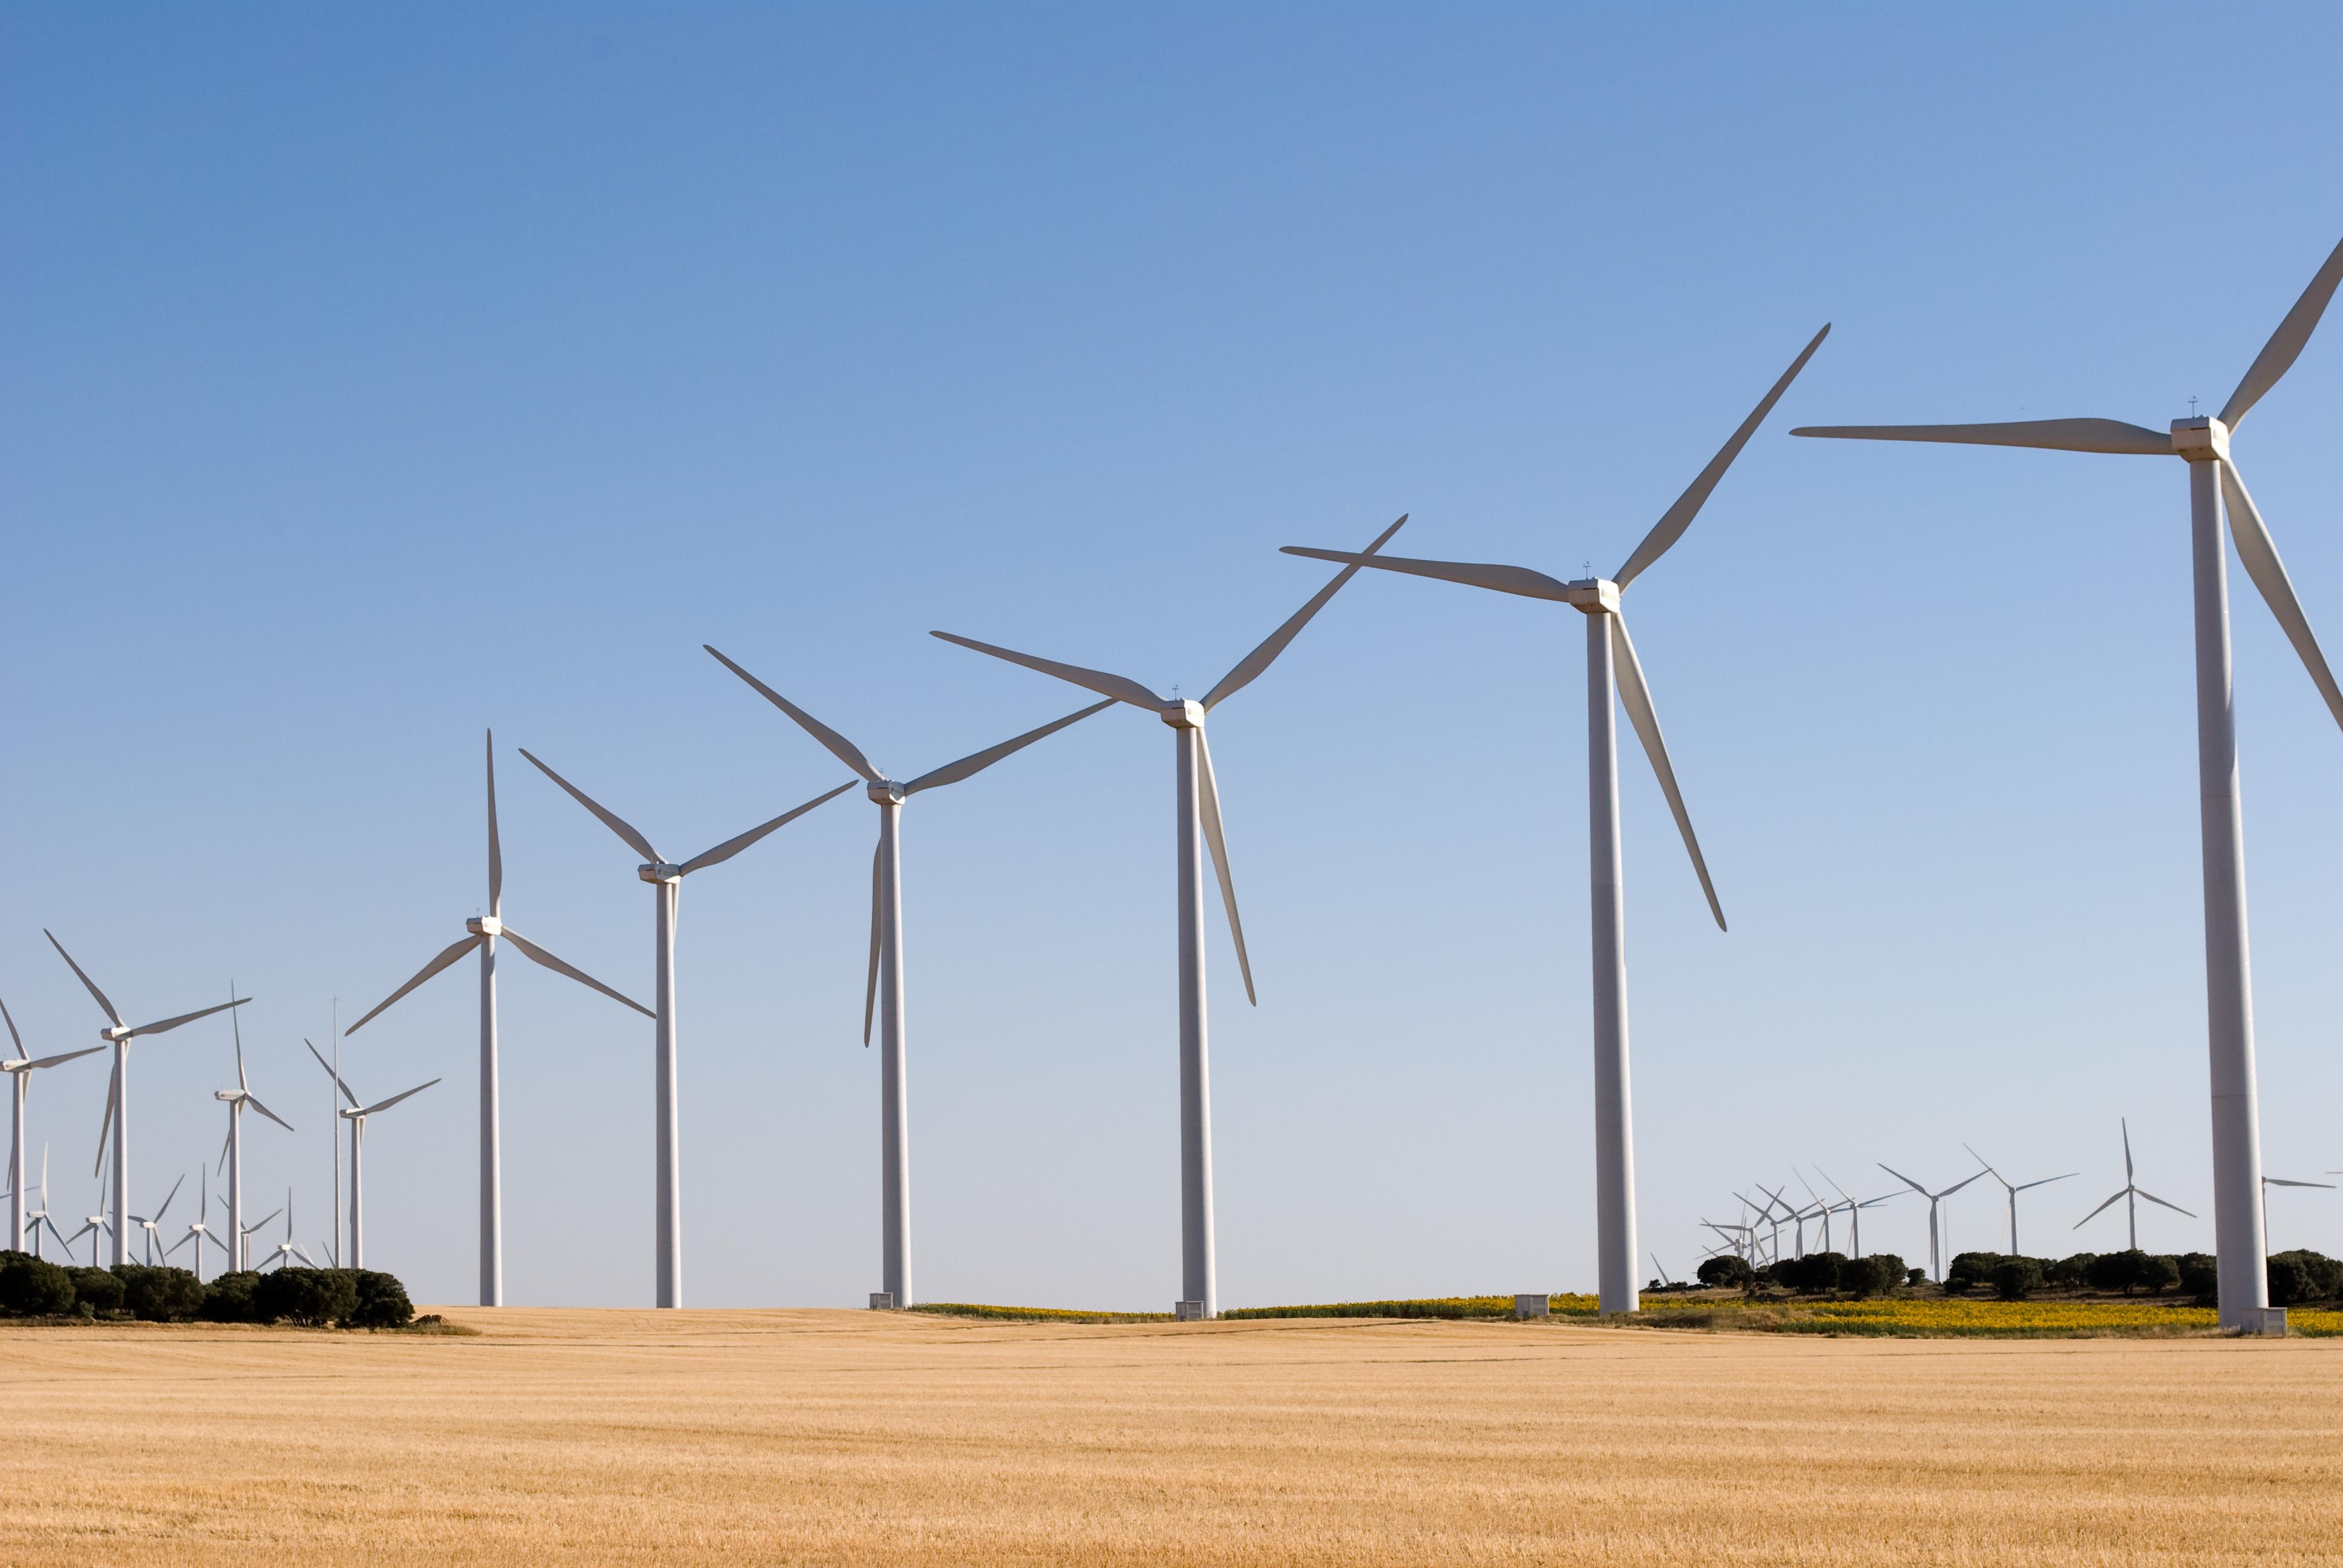 Eólica en Bolivia: parque eólico con aerogeneradores chinos